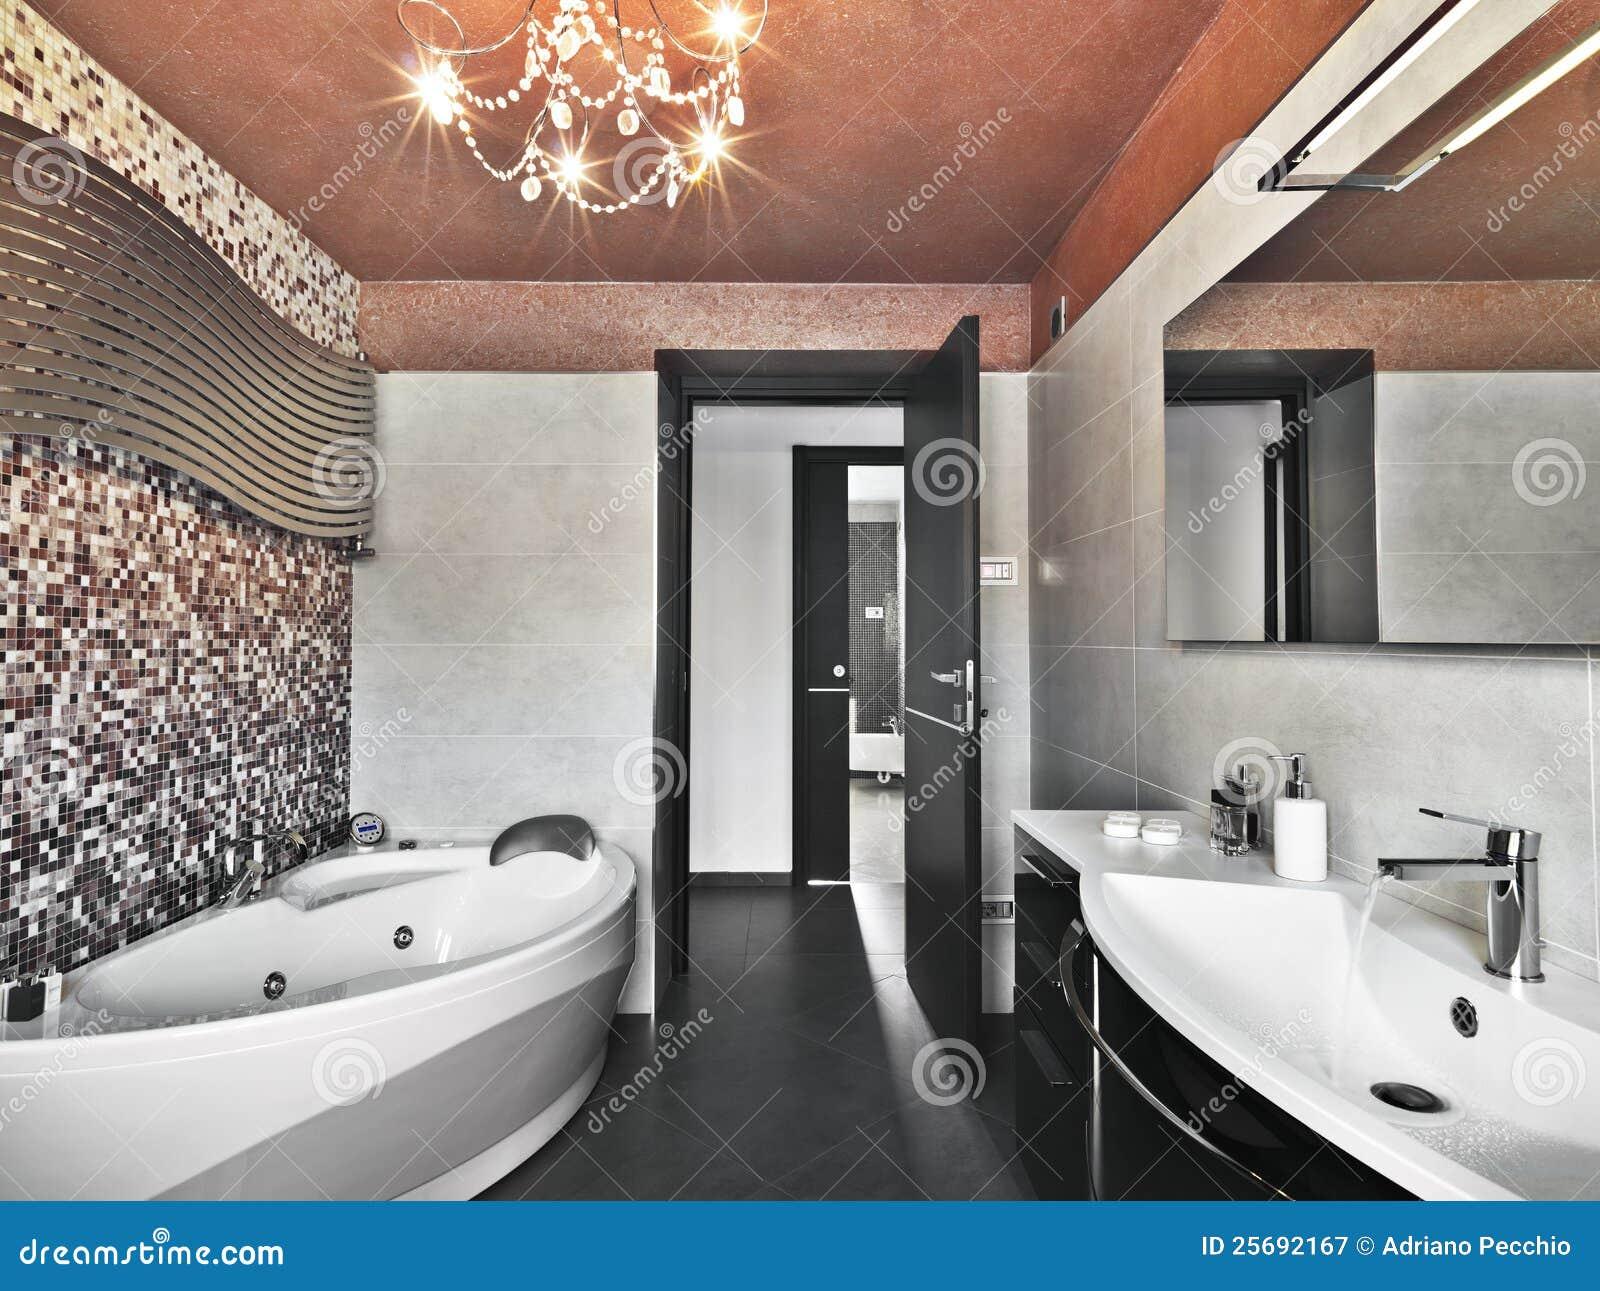 Vasca Da Bagno Con Lavandino : Vasca da bagno e lavandino moderni di spirito della stanza da